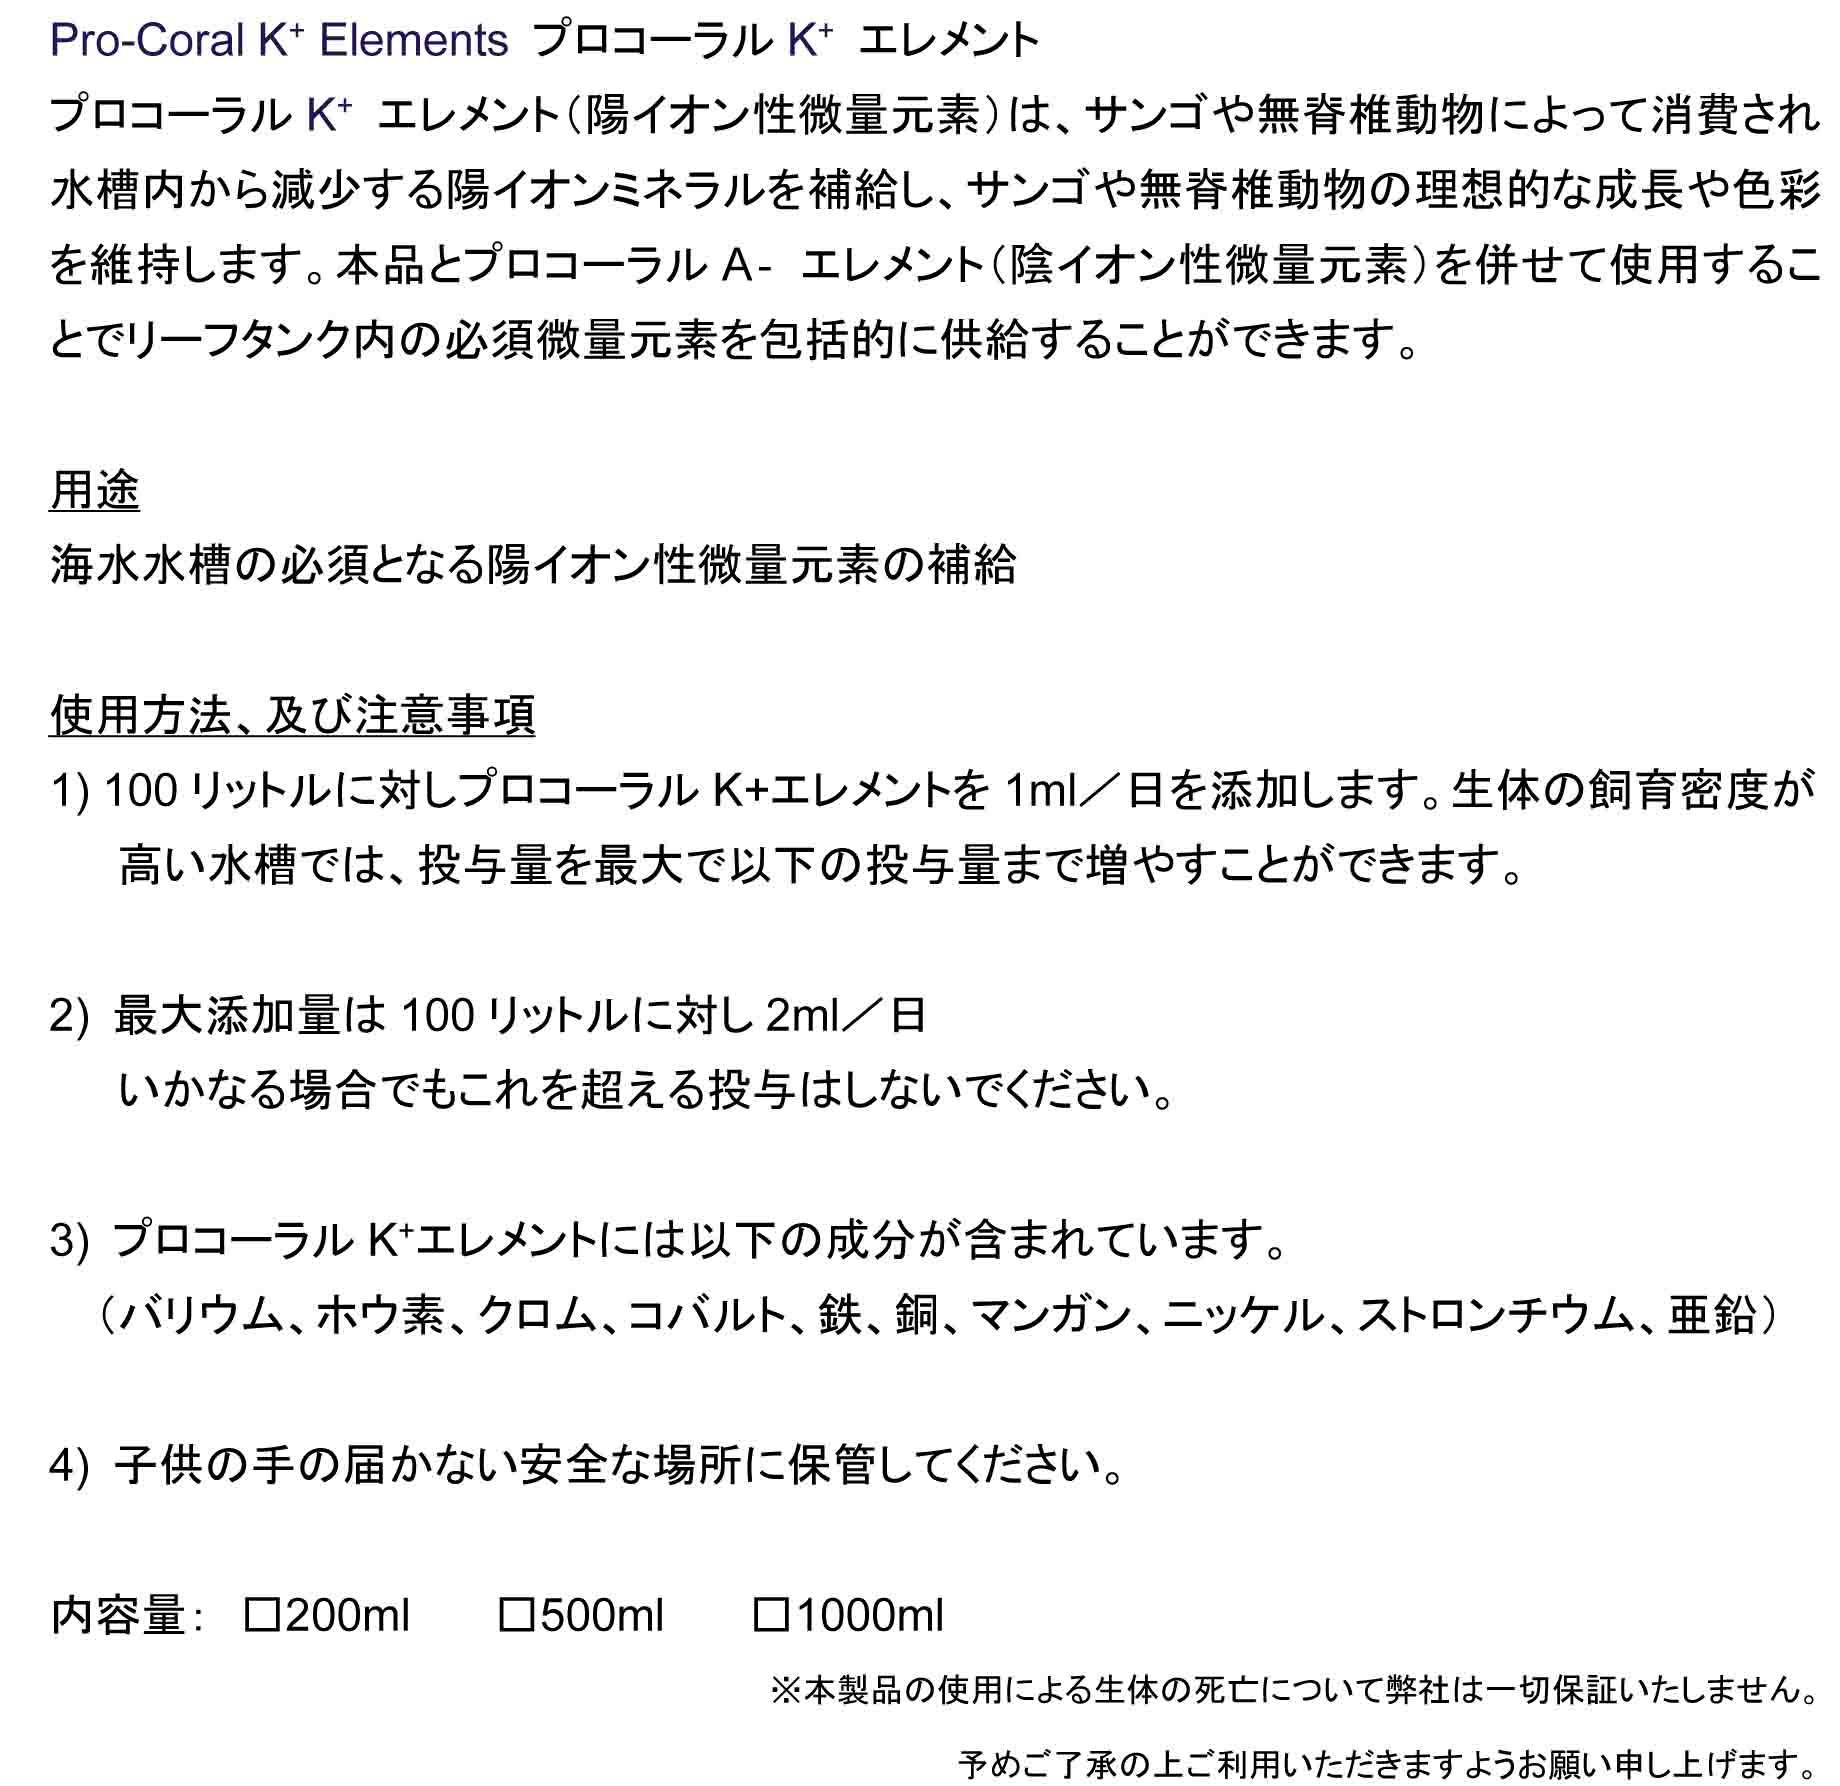 説明書-12Pro-Coral K+ Elements プロコーラルK+ エレメント.jpg